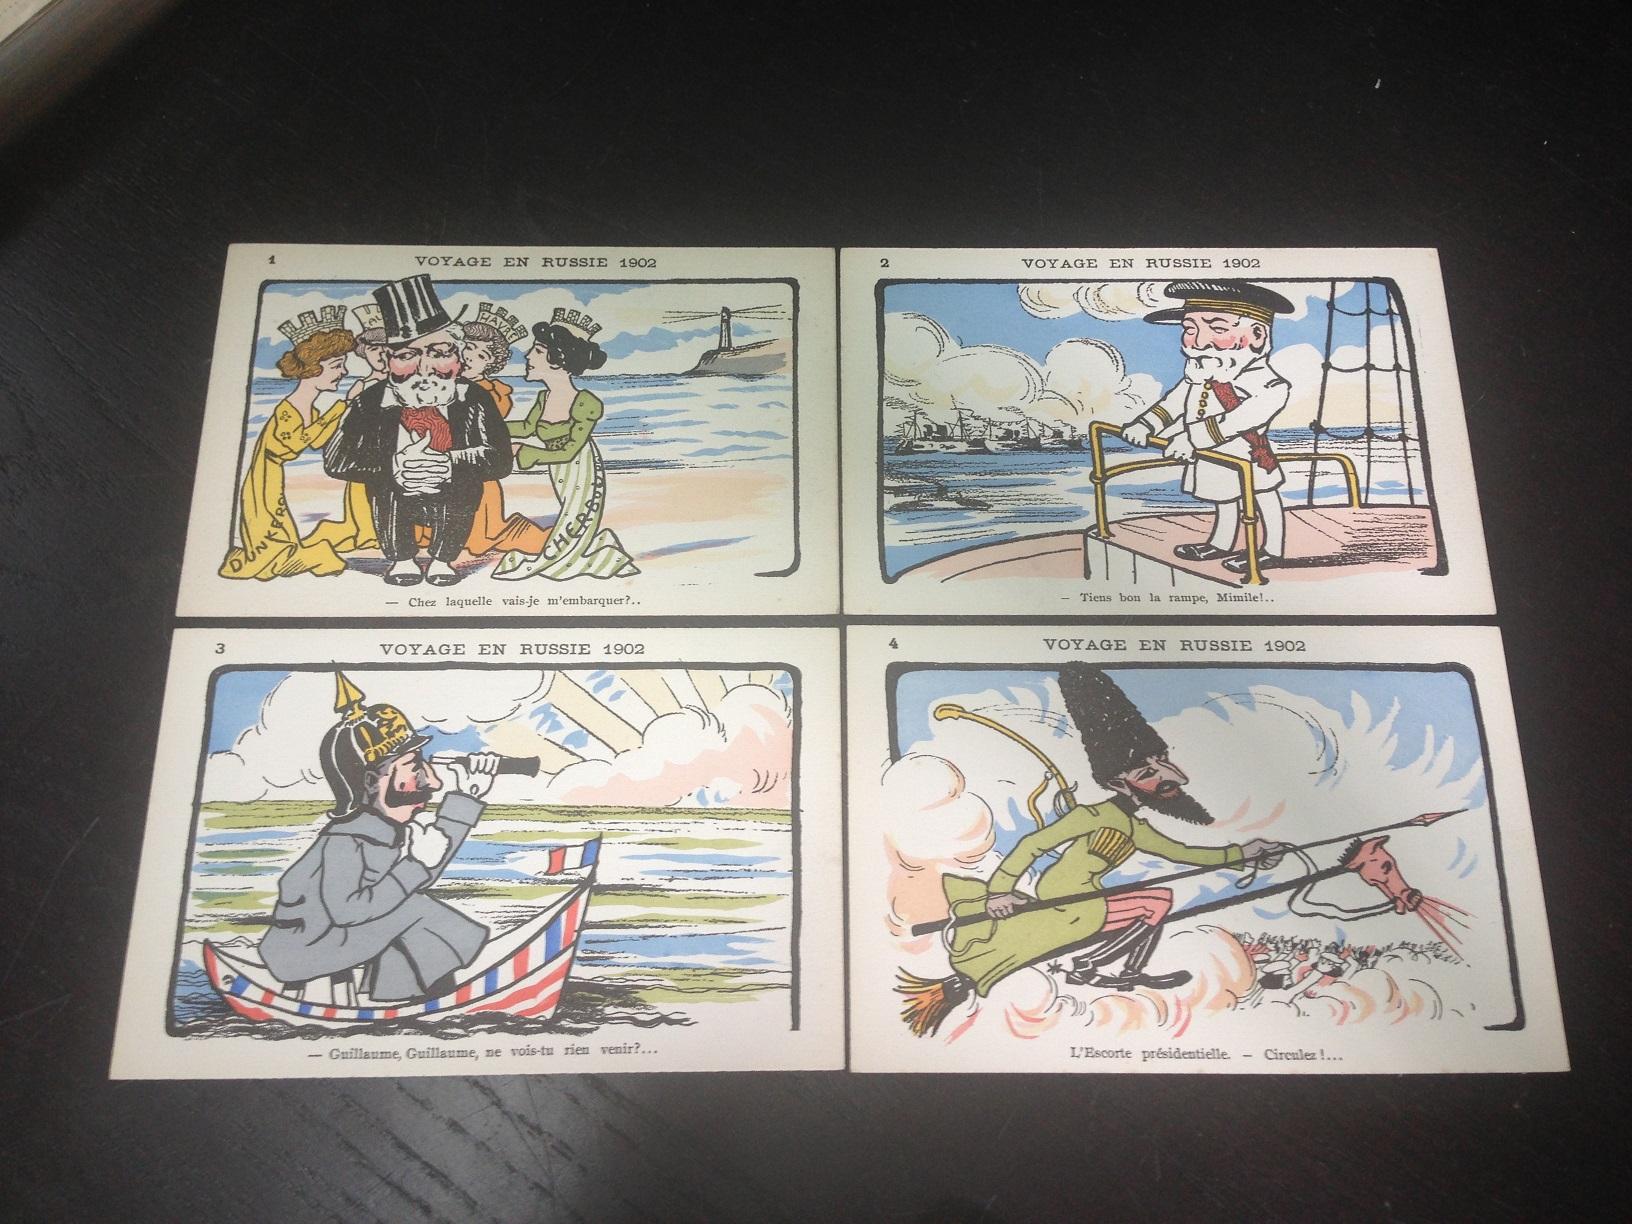 Политика, карикатуры..   Карикатура, Картинки, Политика   1224x1632